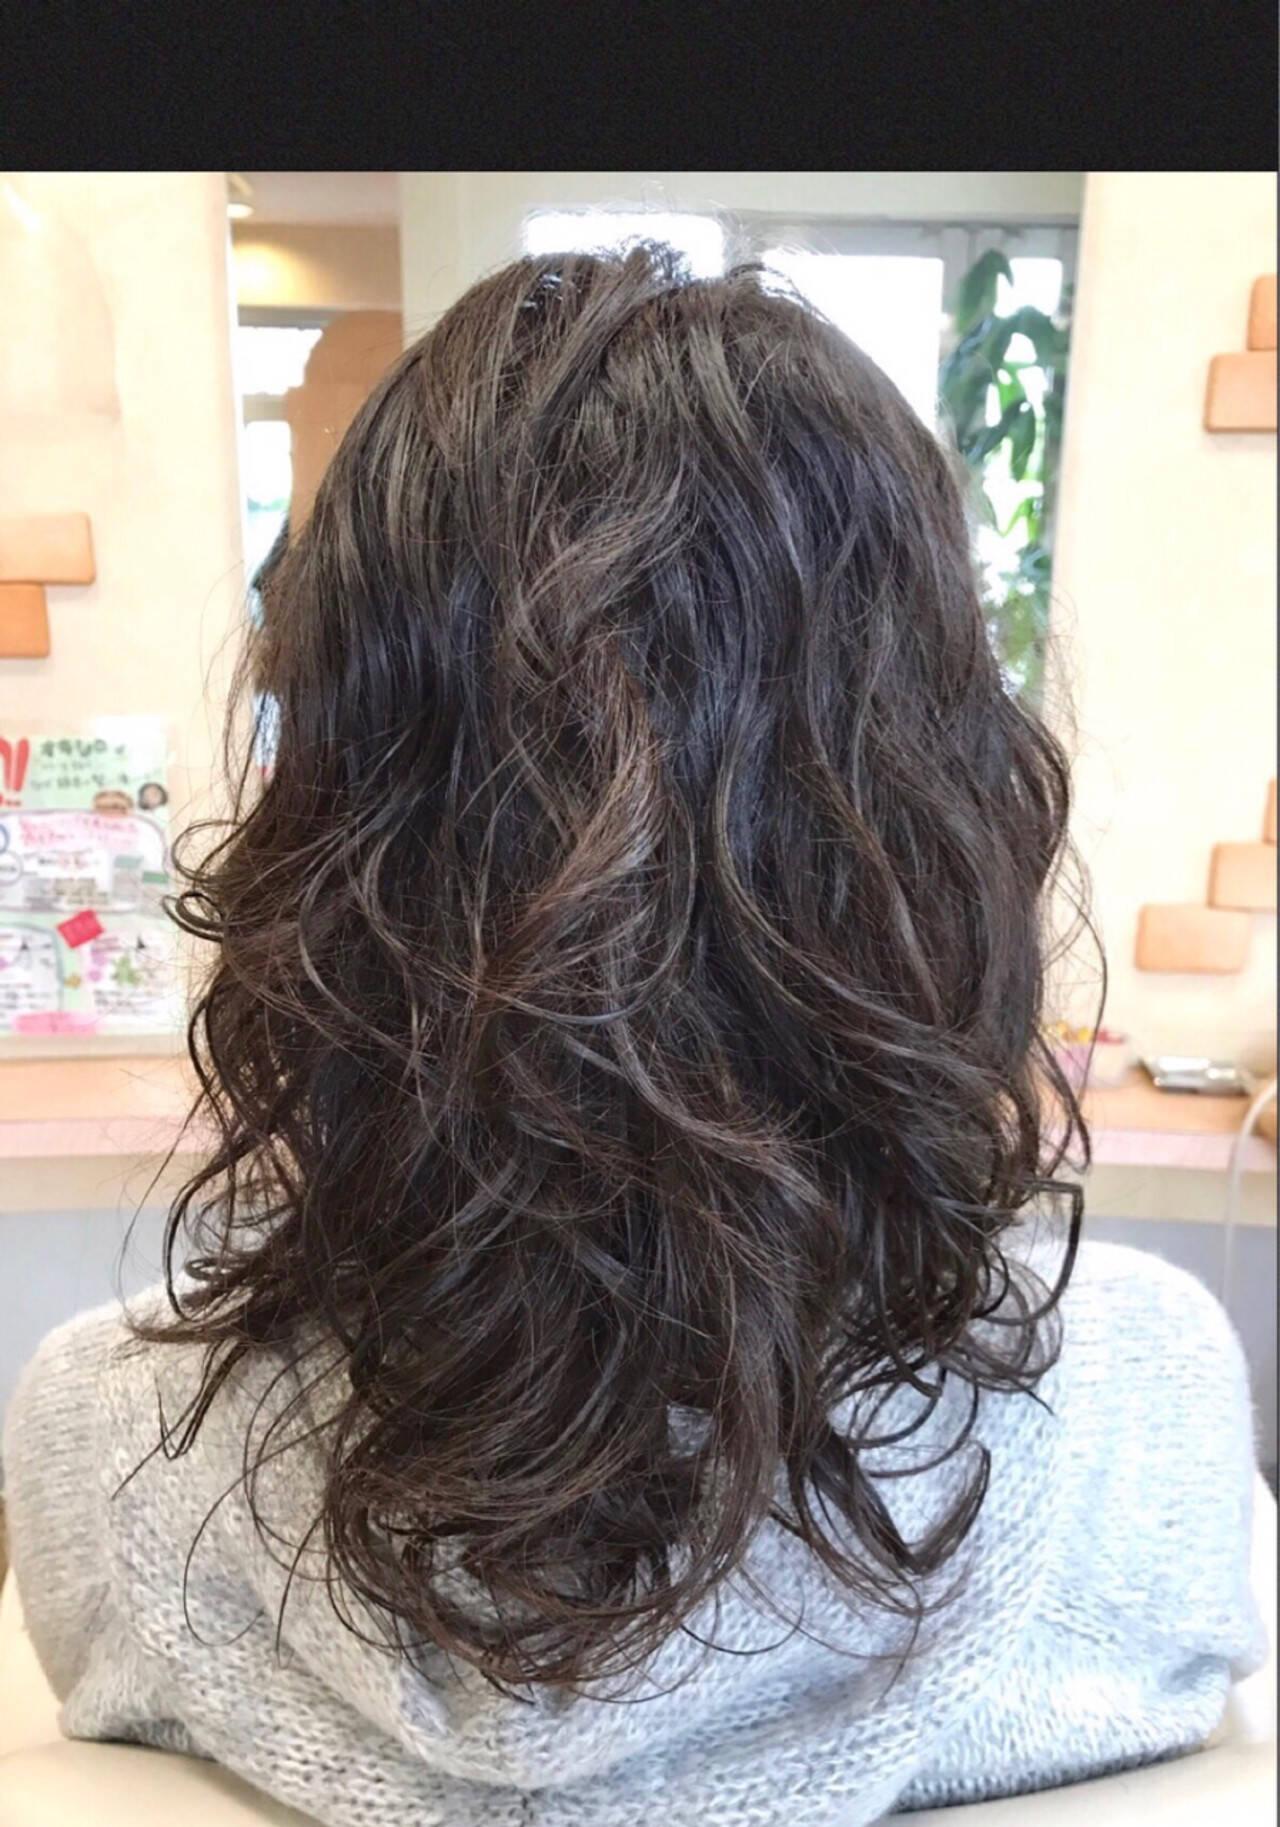 パーマ アンニュイ ウェーブ ゆるふわヘアスタイルや髪型の写真・画像